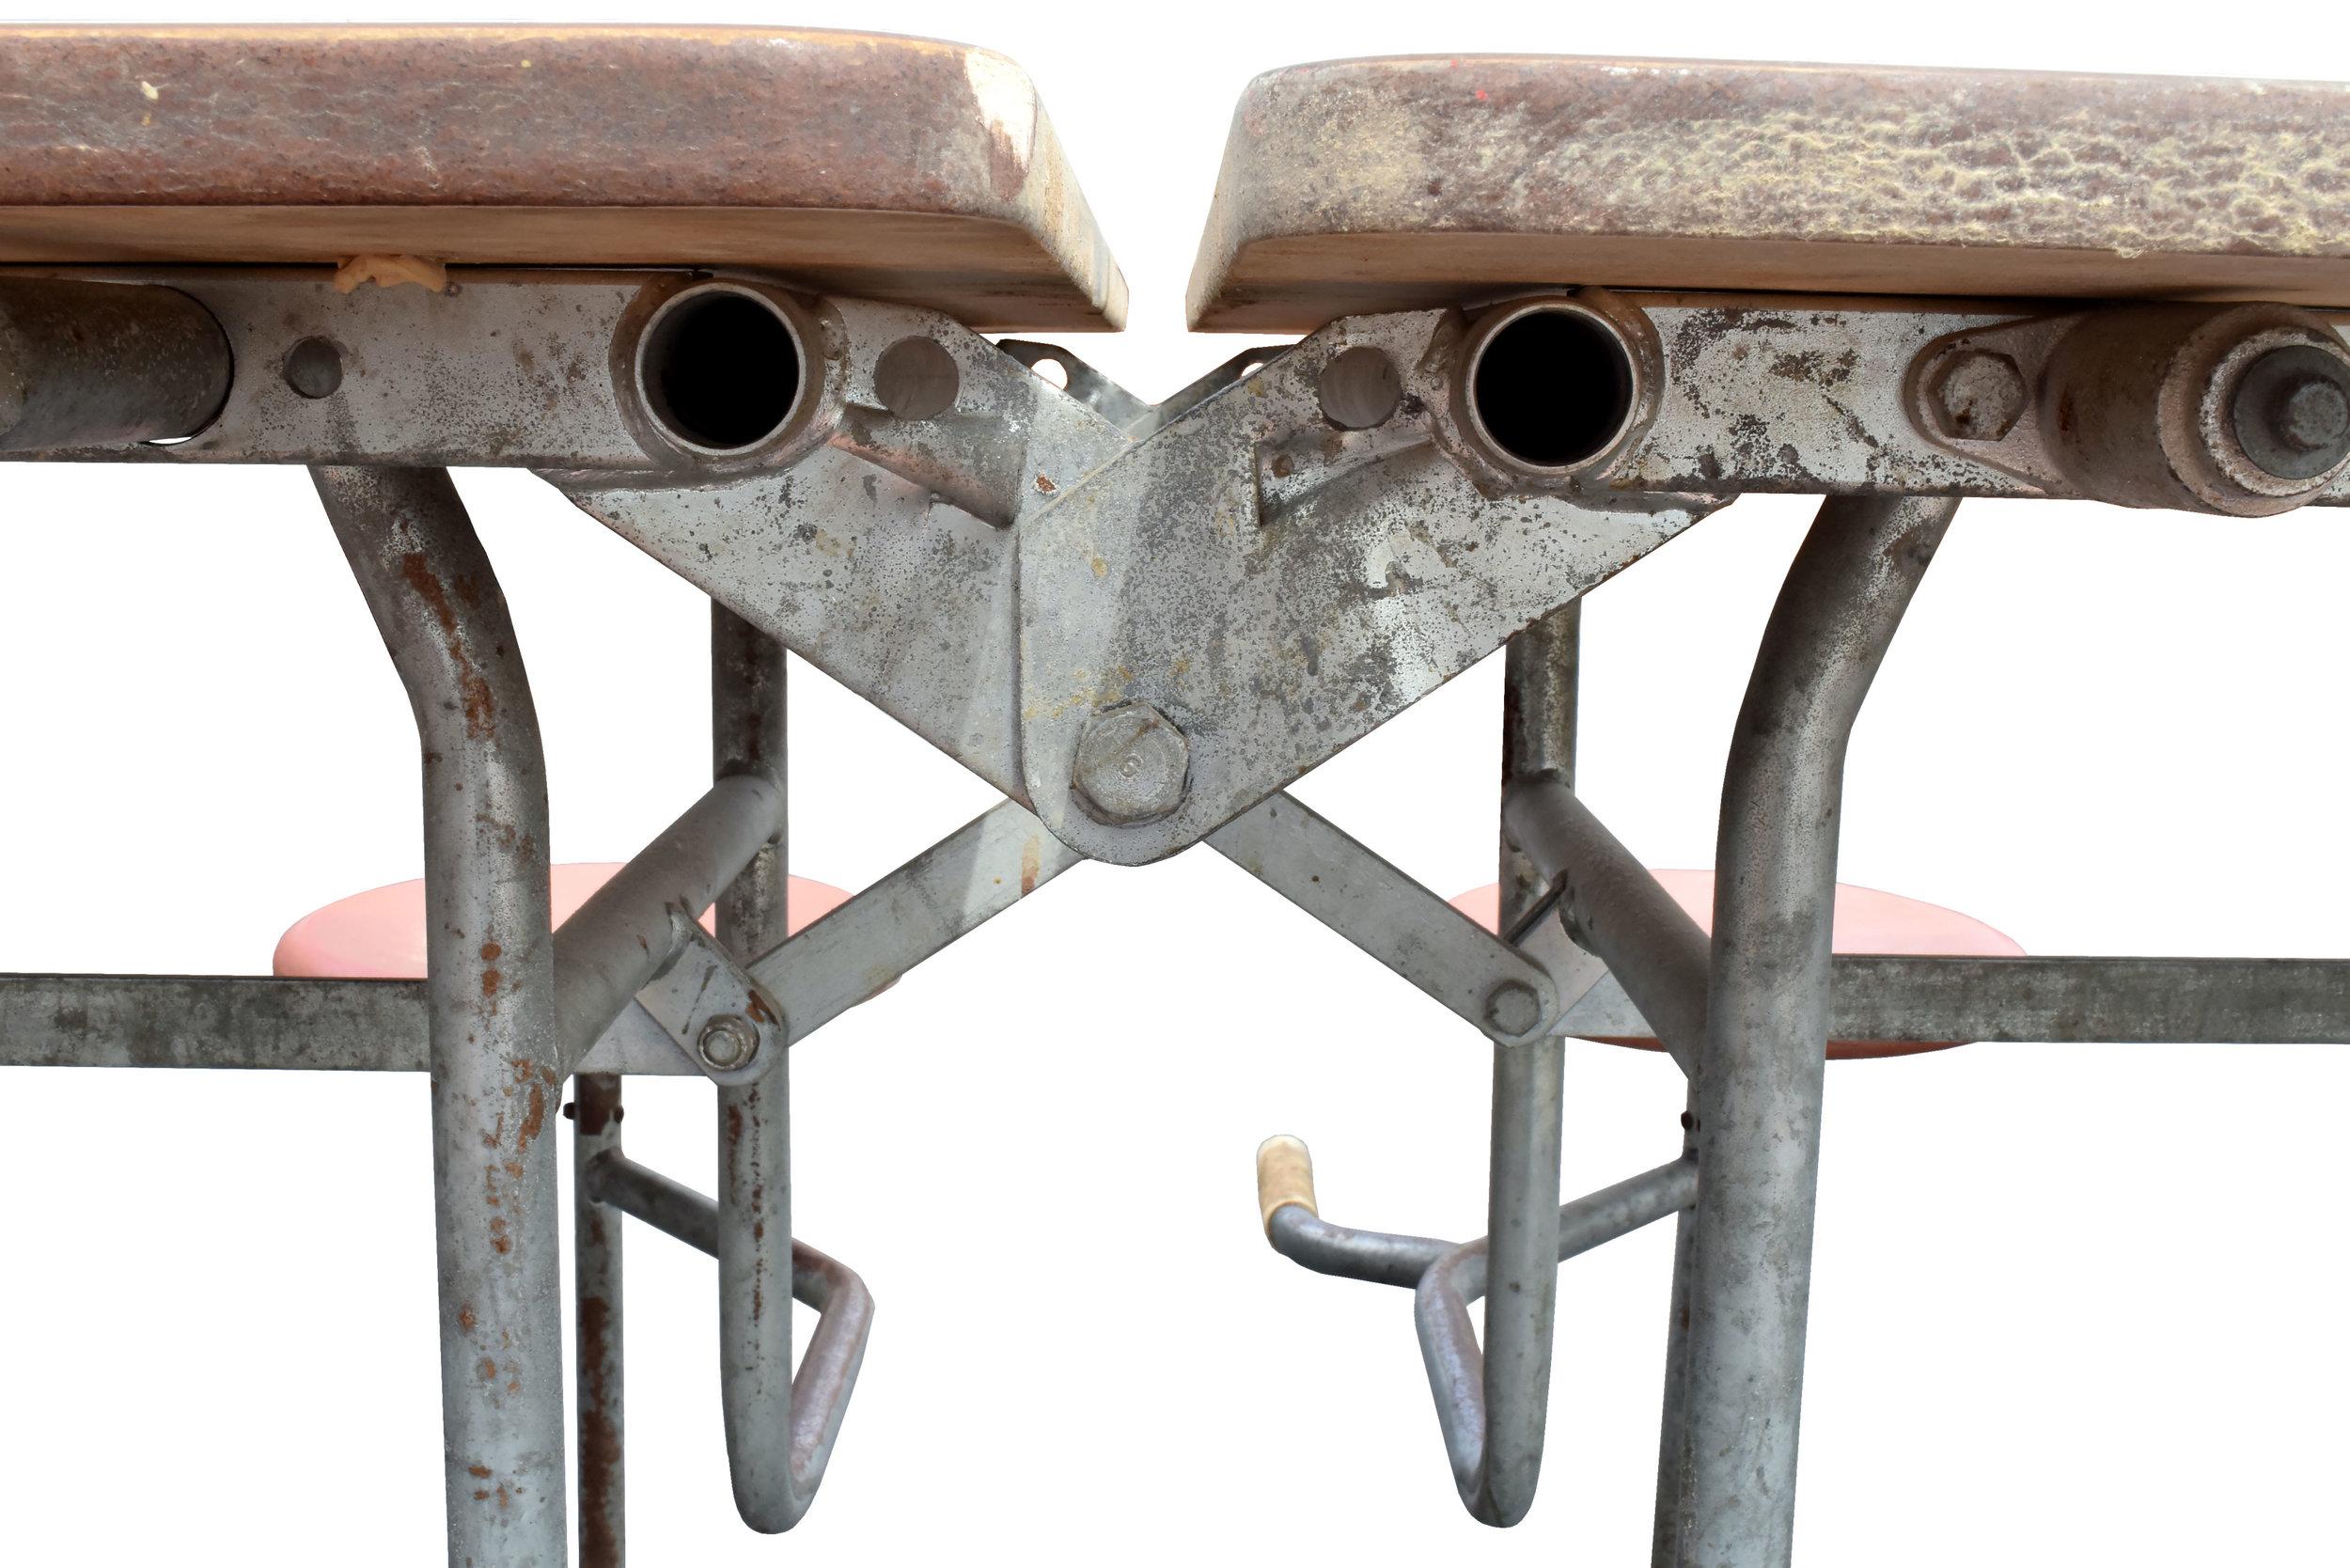 47026-school-lunch-table-metal-detail.jpg